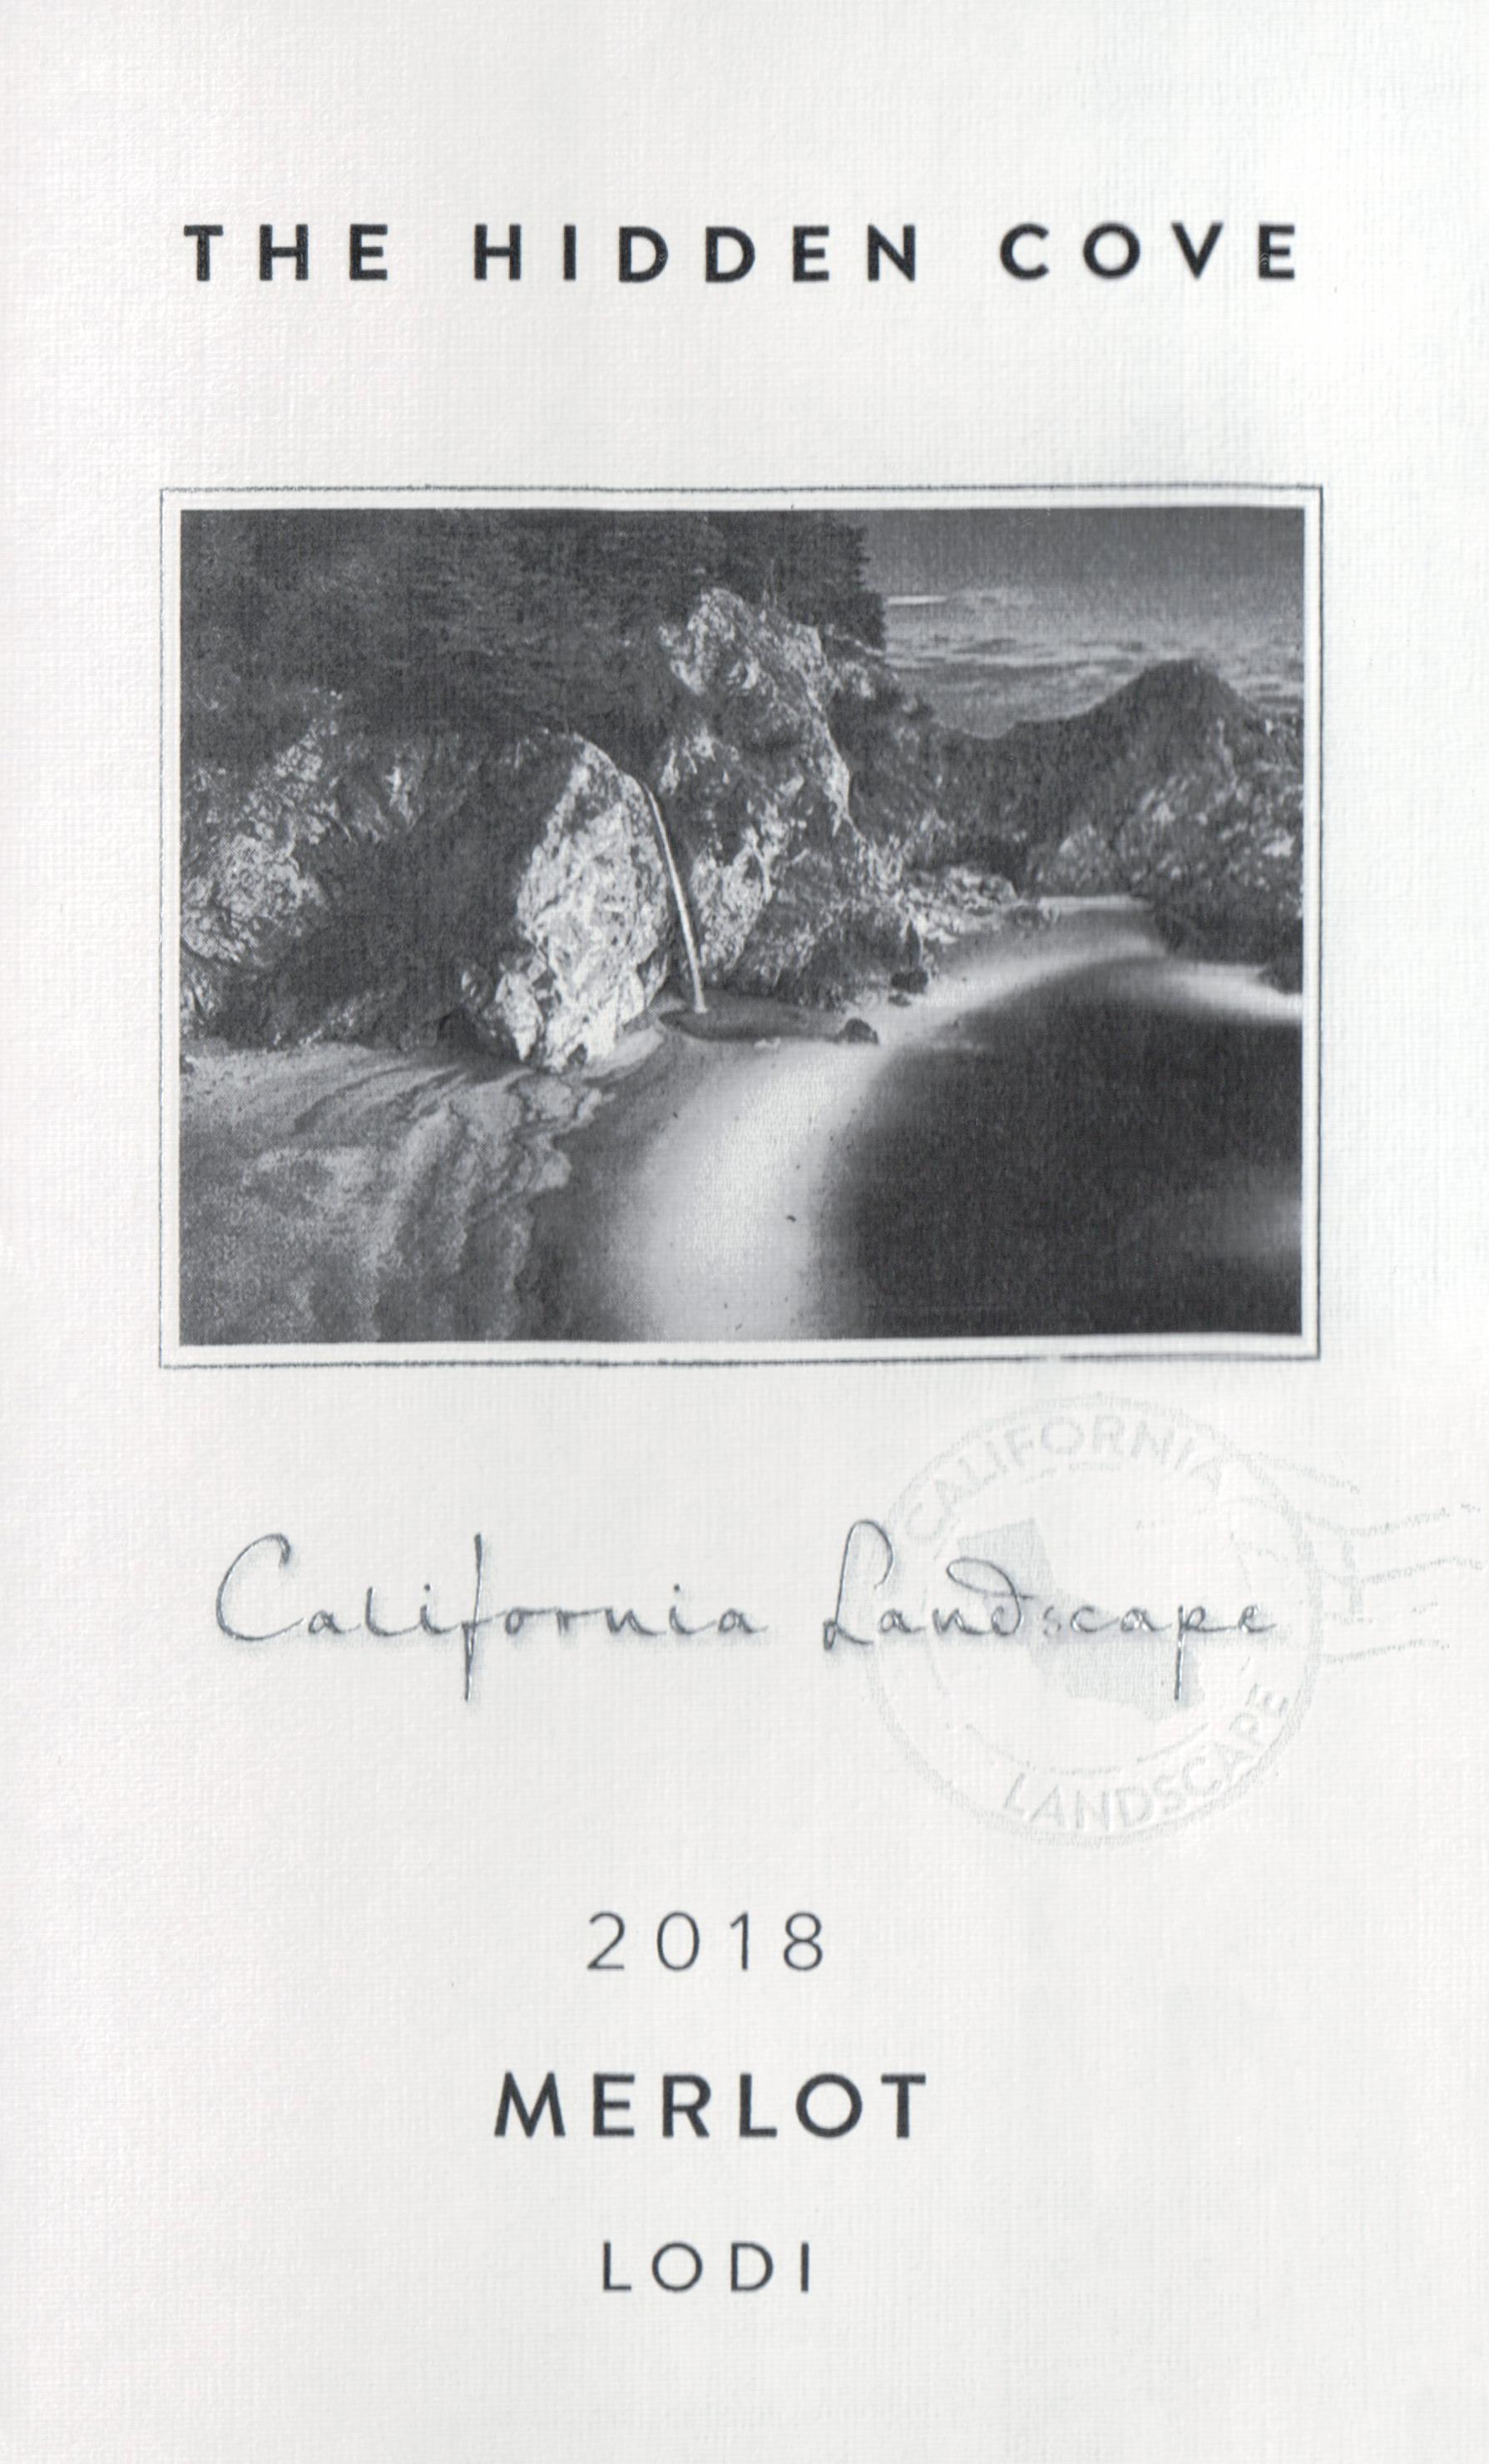 Hidden Cove Merlot California Landscapes 2018